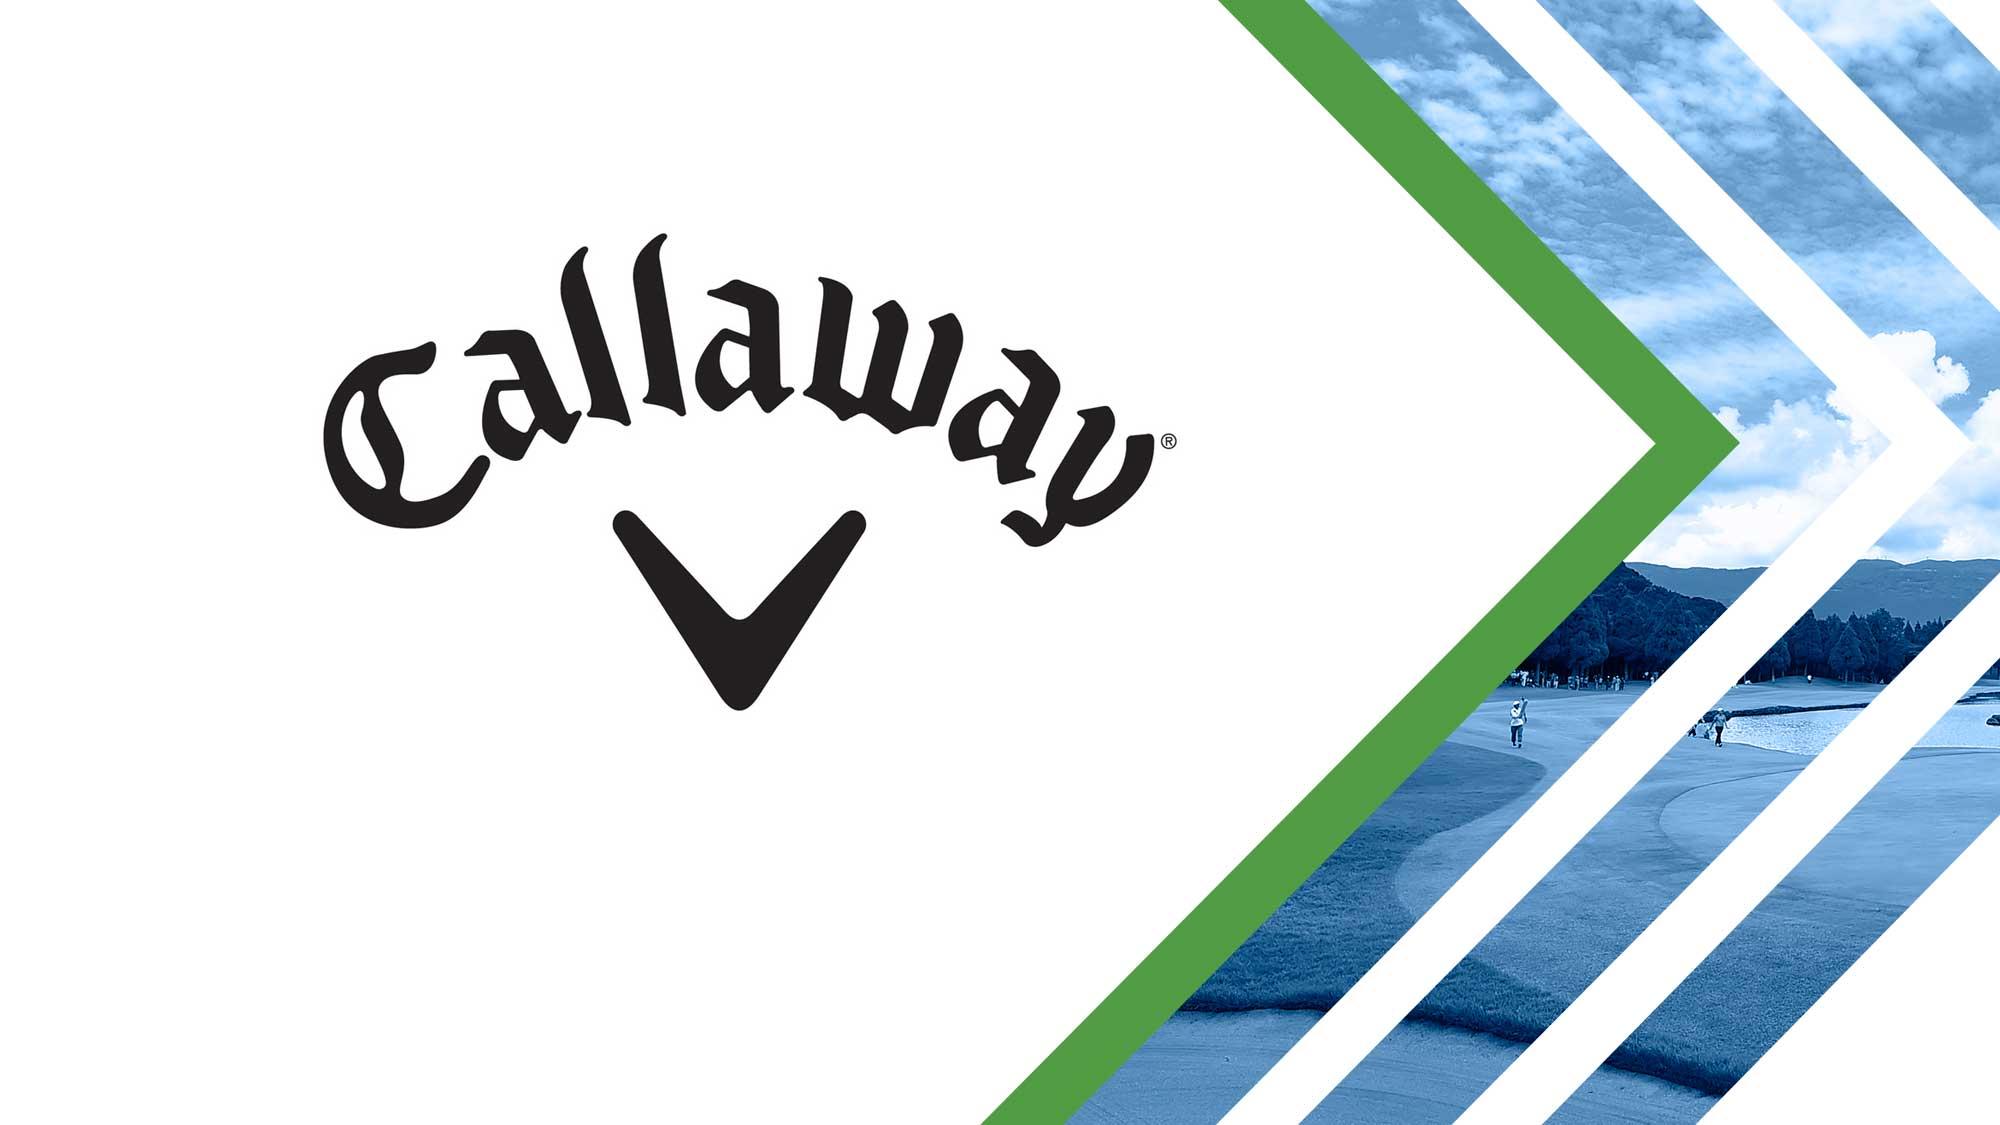 callaway lpga partnership